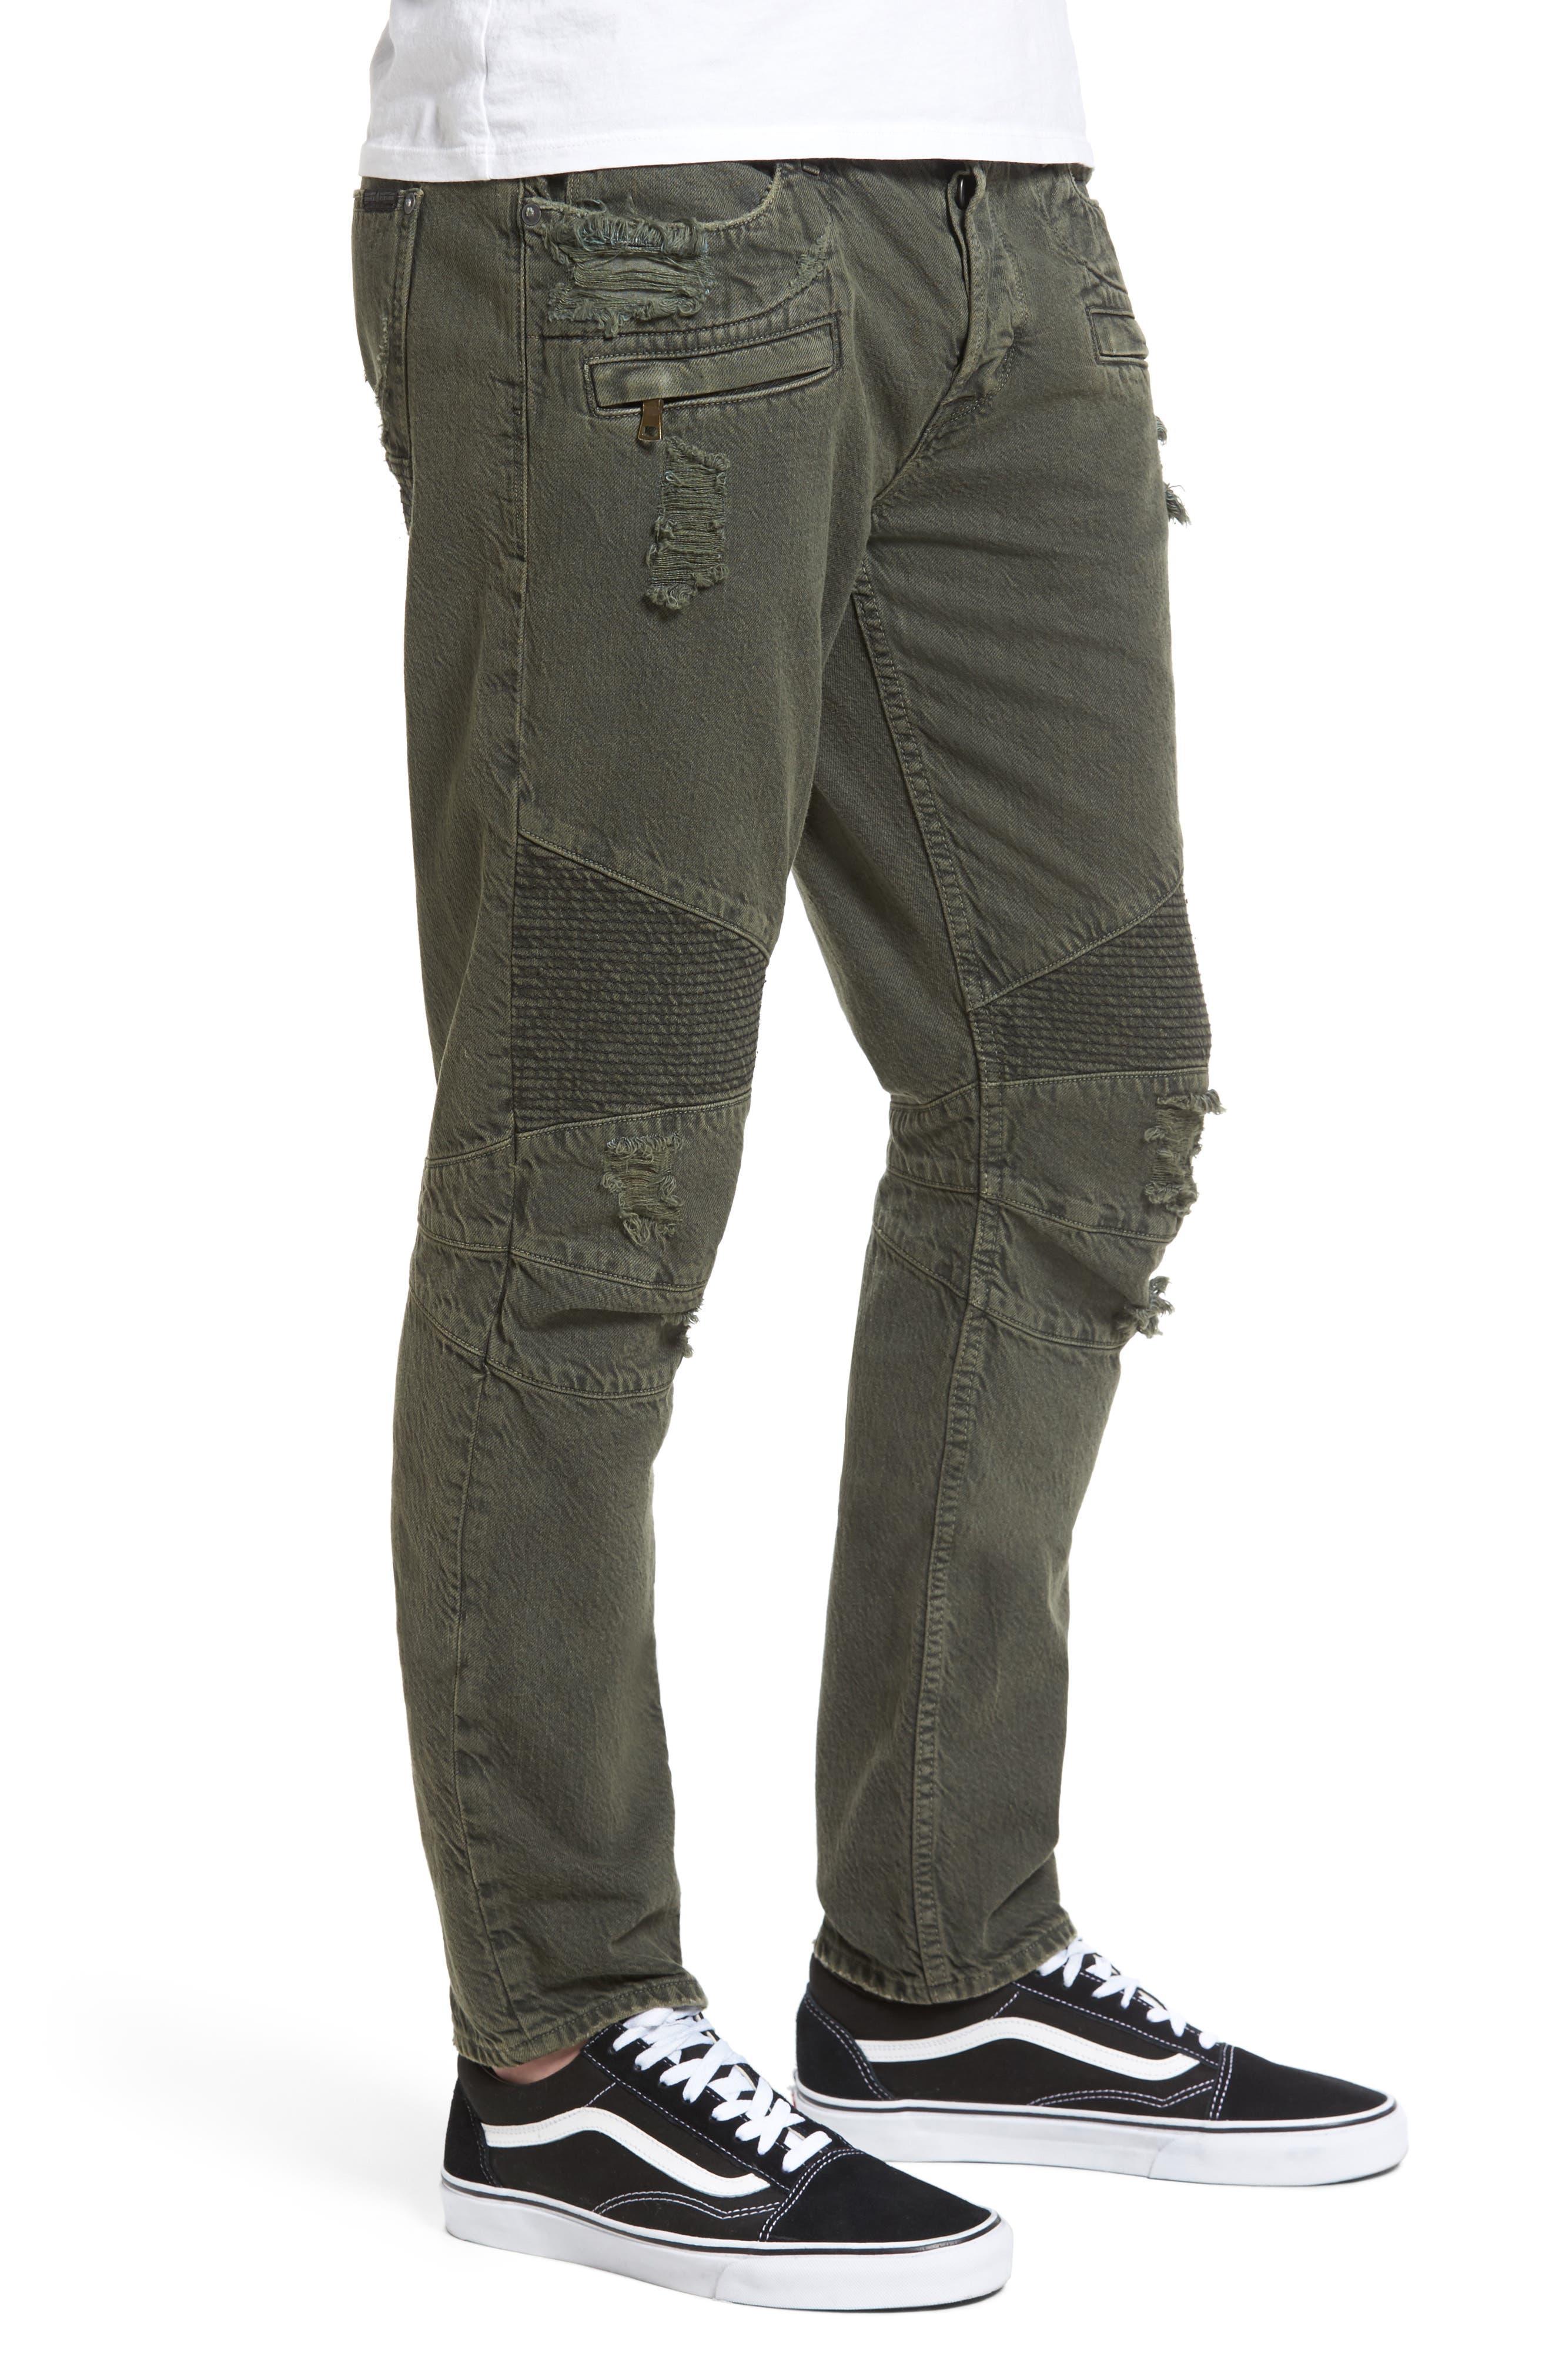 Blinder Biker Skinny Fit Jeans,                             Alternate thumbnail 3, color,                             300